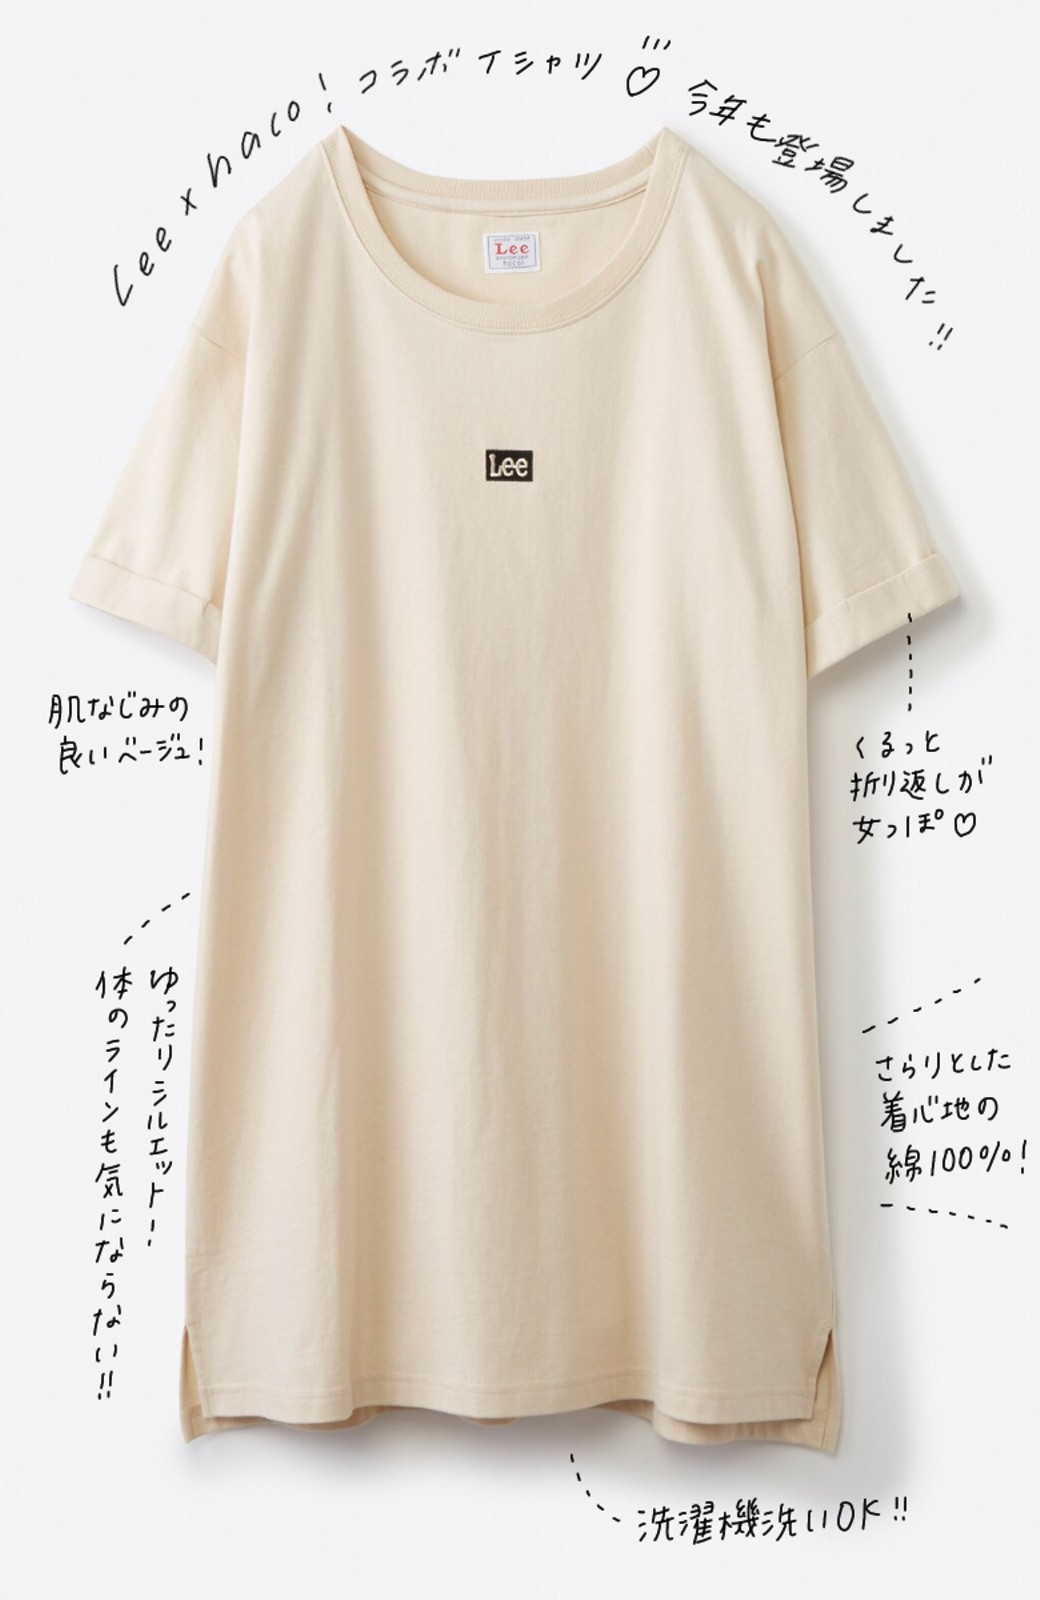 haco! 別注Lee ベルトでウエストマークしてもかわいいチュニックTシャツ <ベージュ>の商品写真2